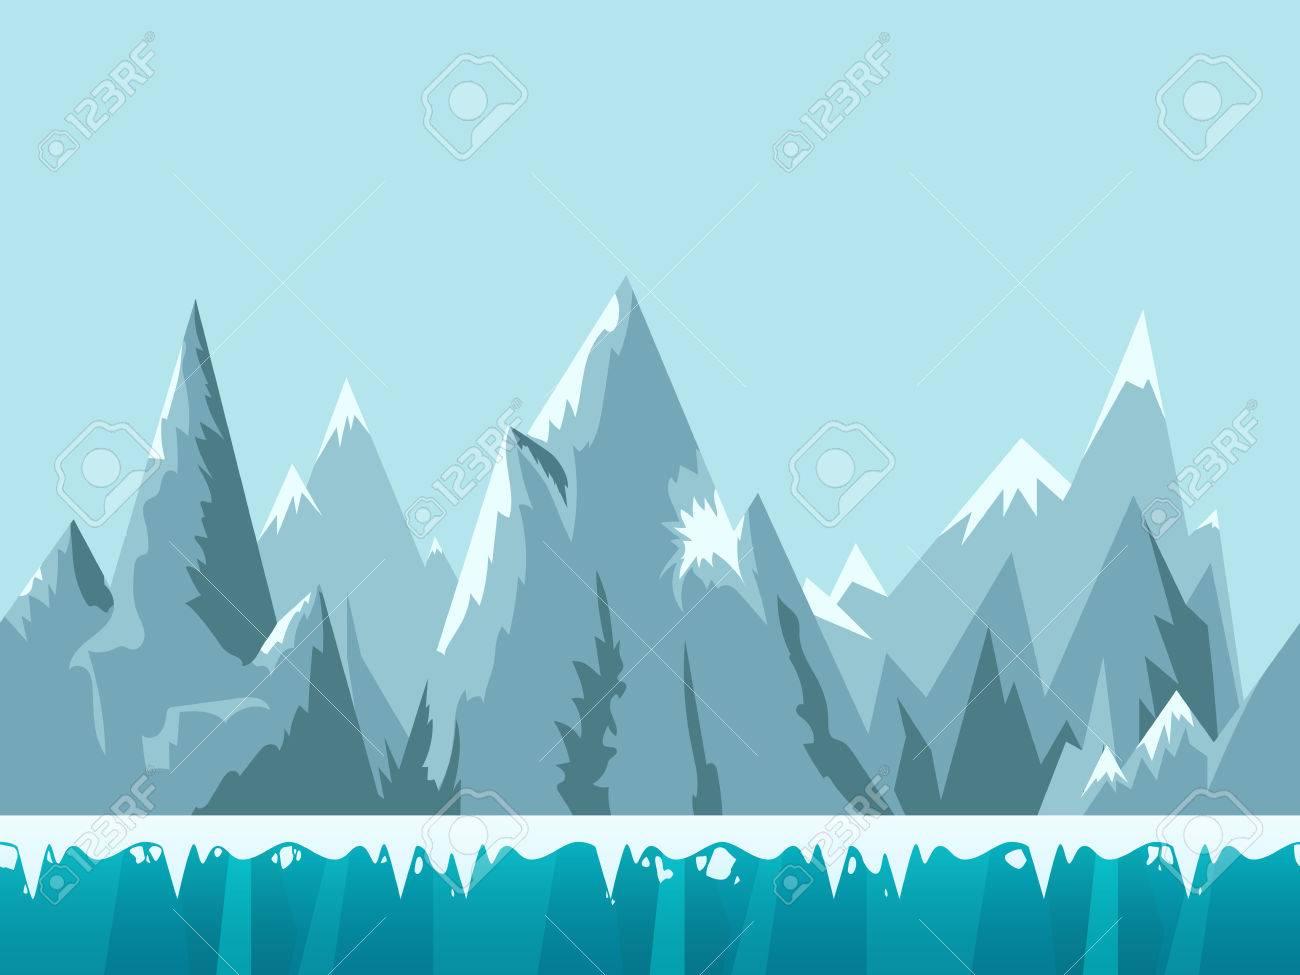 携帯アプリ、web、ゲームの雪と氷の山シームレスな背景イラスト